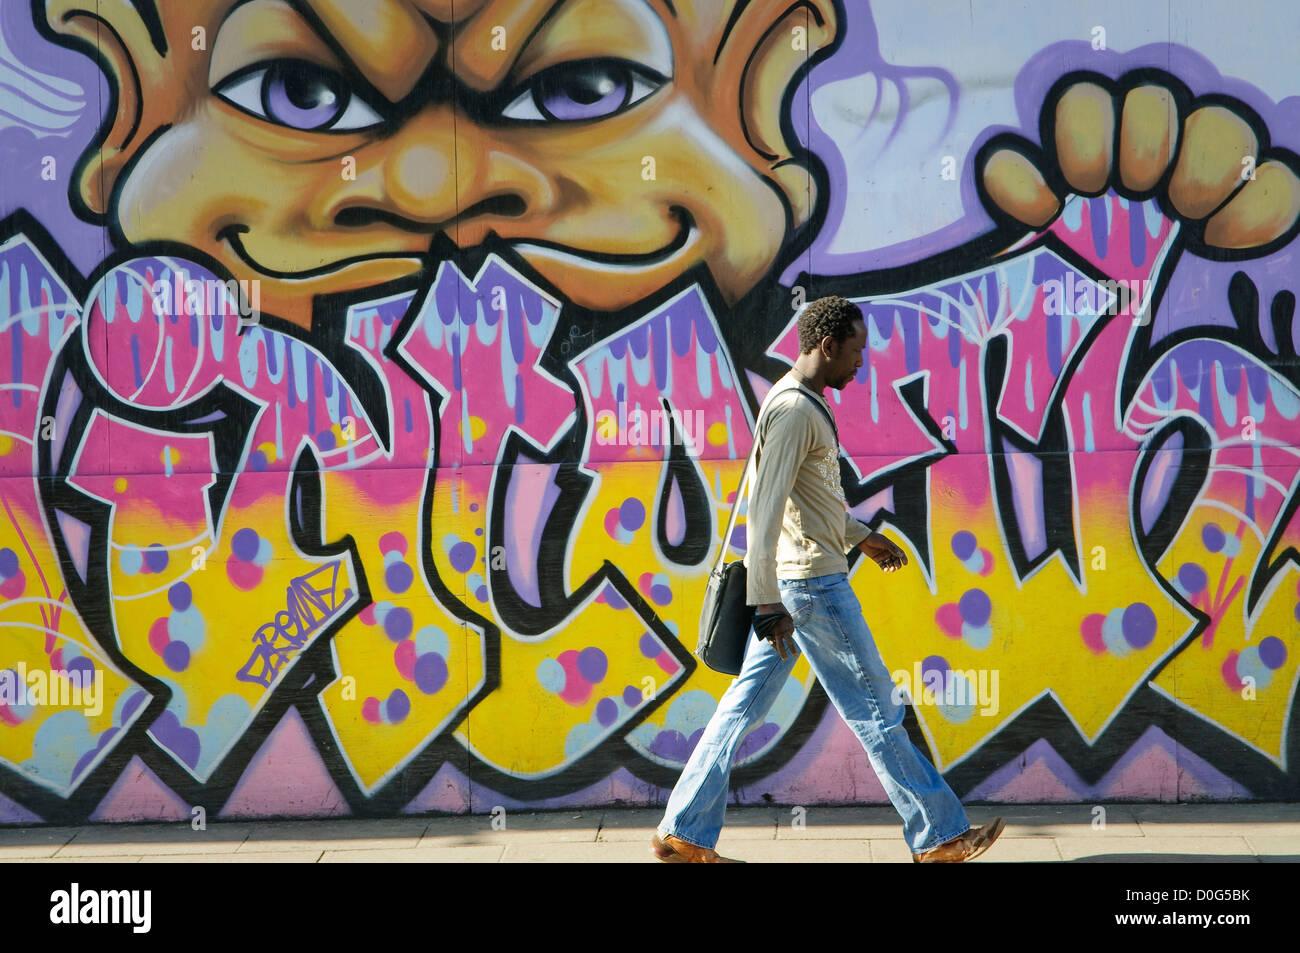 Graffiti wall uk - Graffiti On The Wall Ipswich Suffolk Uk Stock Image